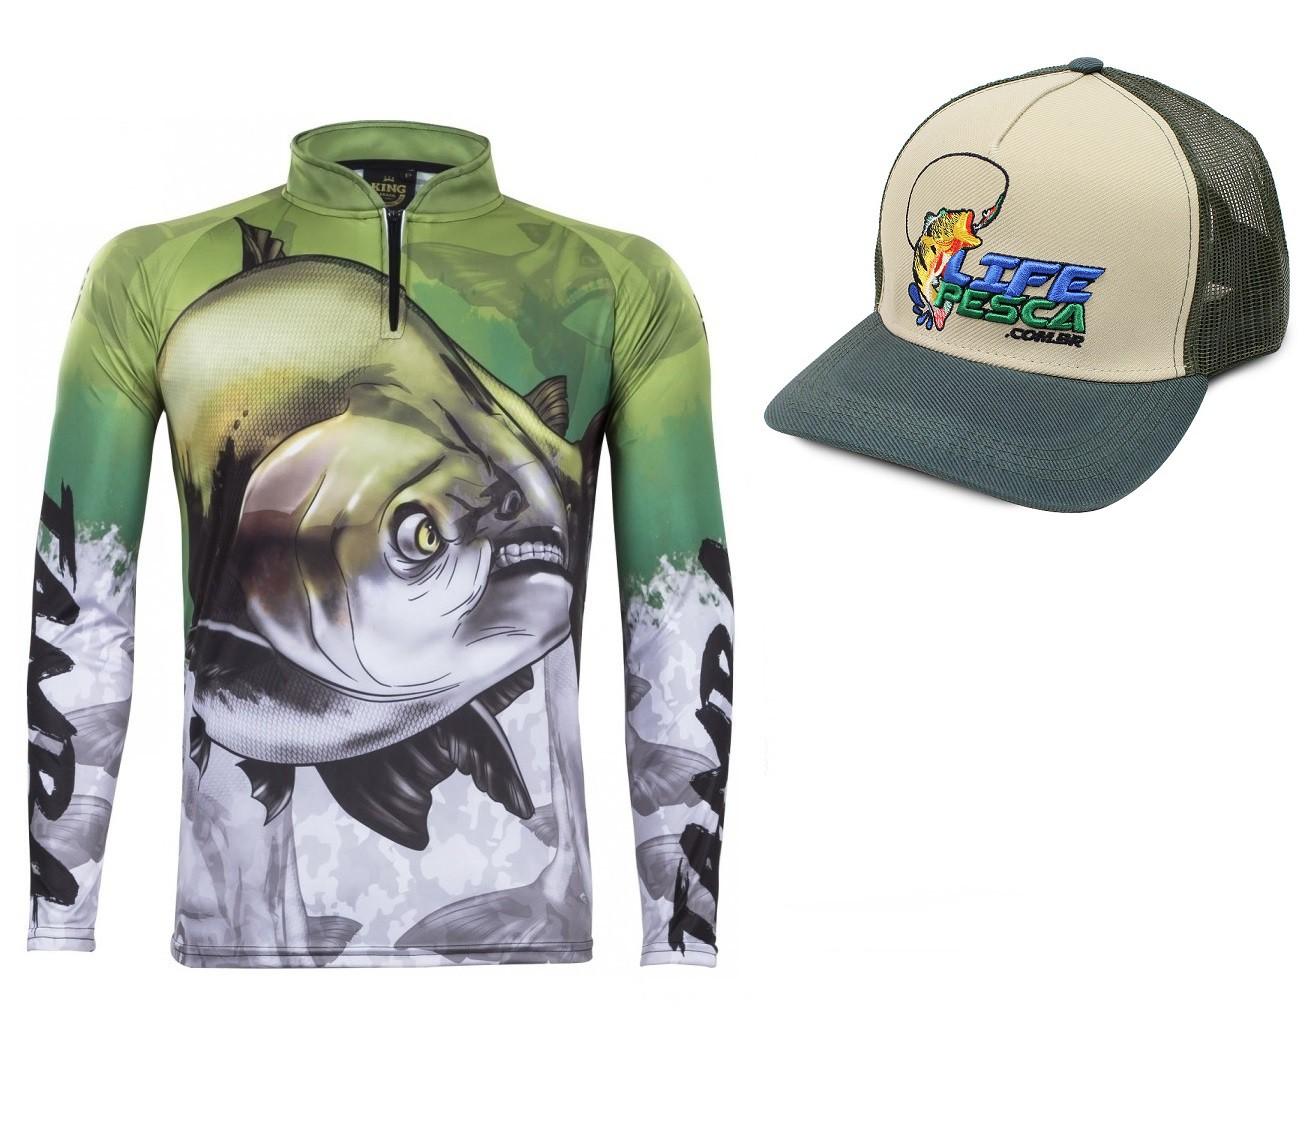 Camiseta De Pesca King Proteção Solar Uv Atack 05 Tamba + Boné